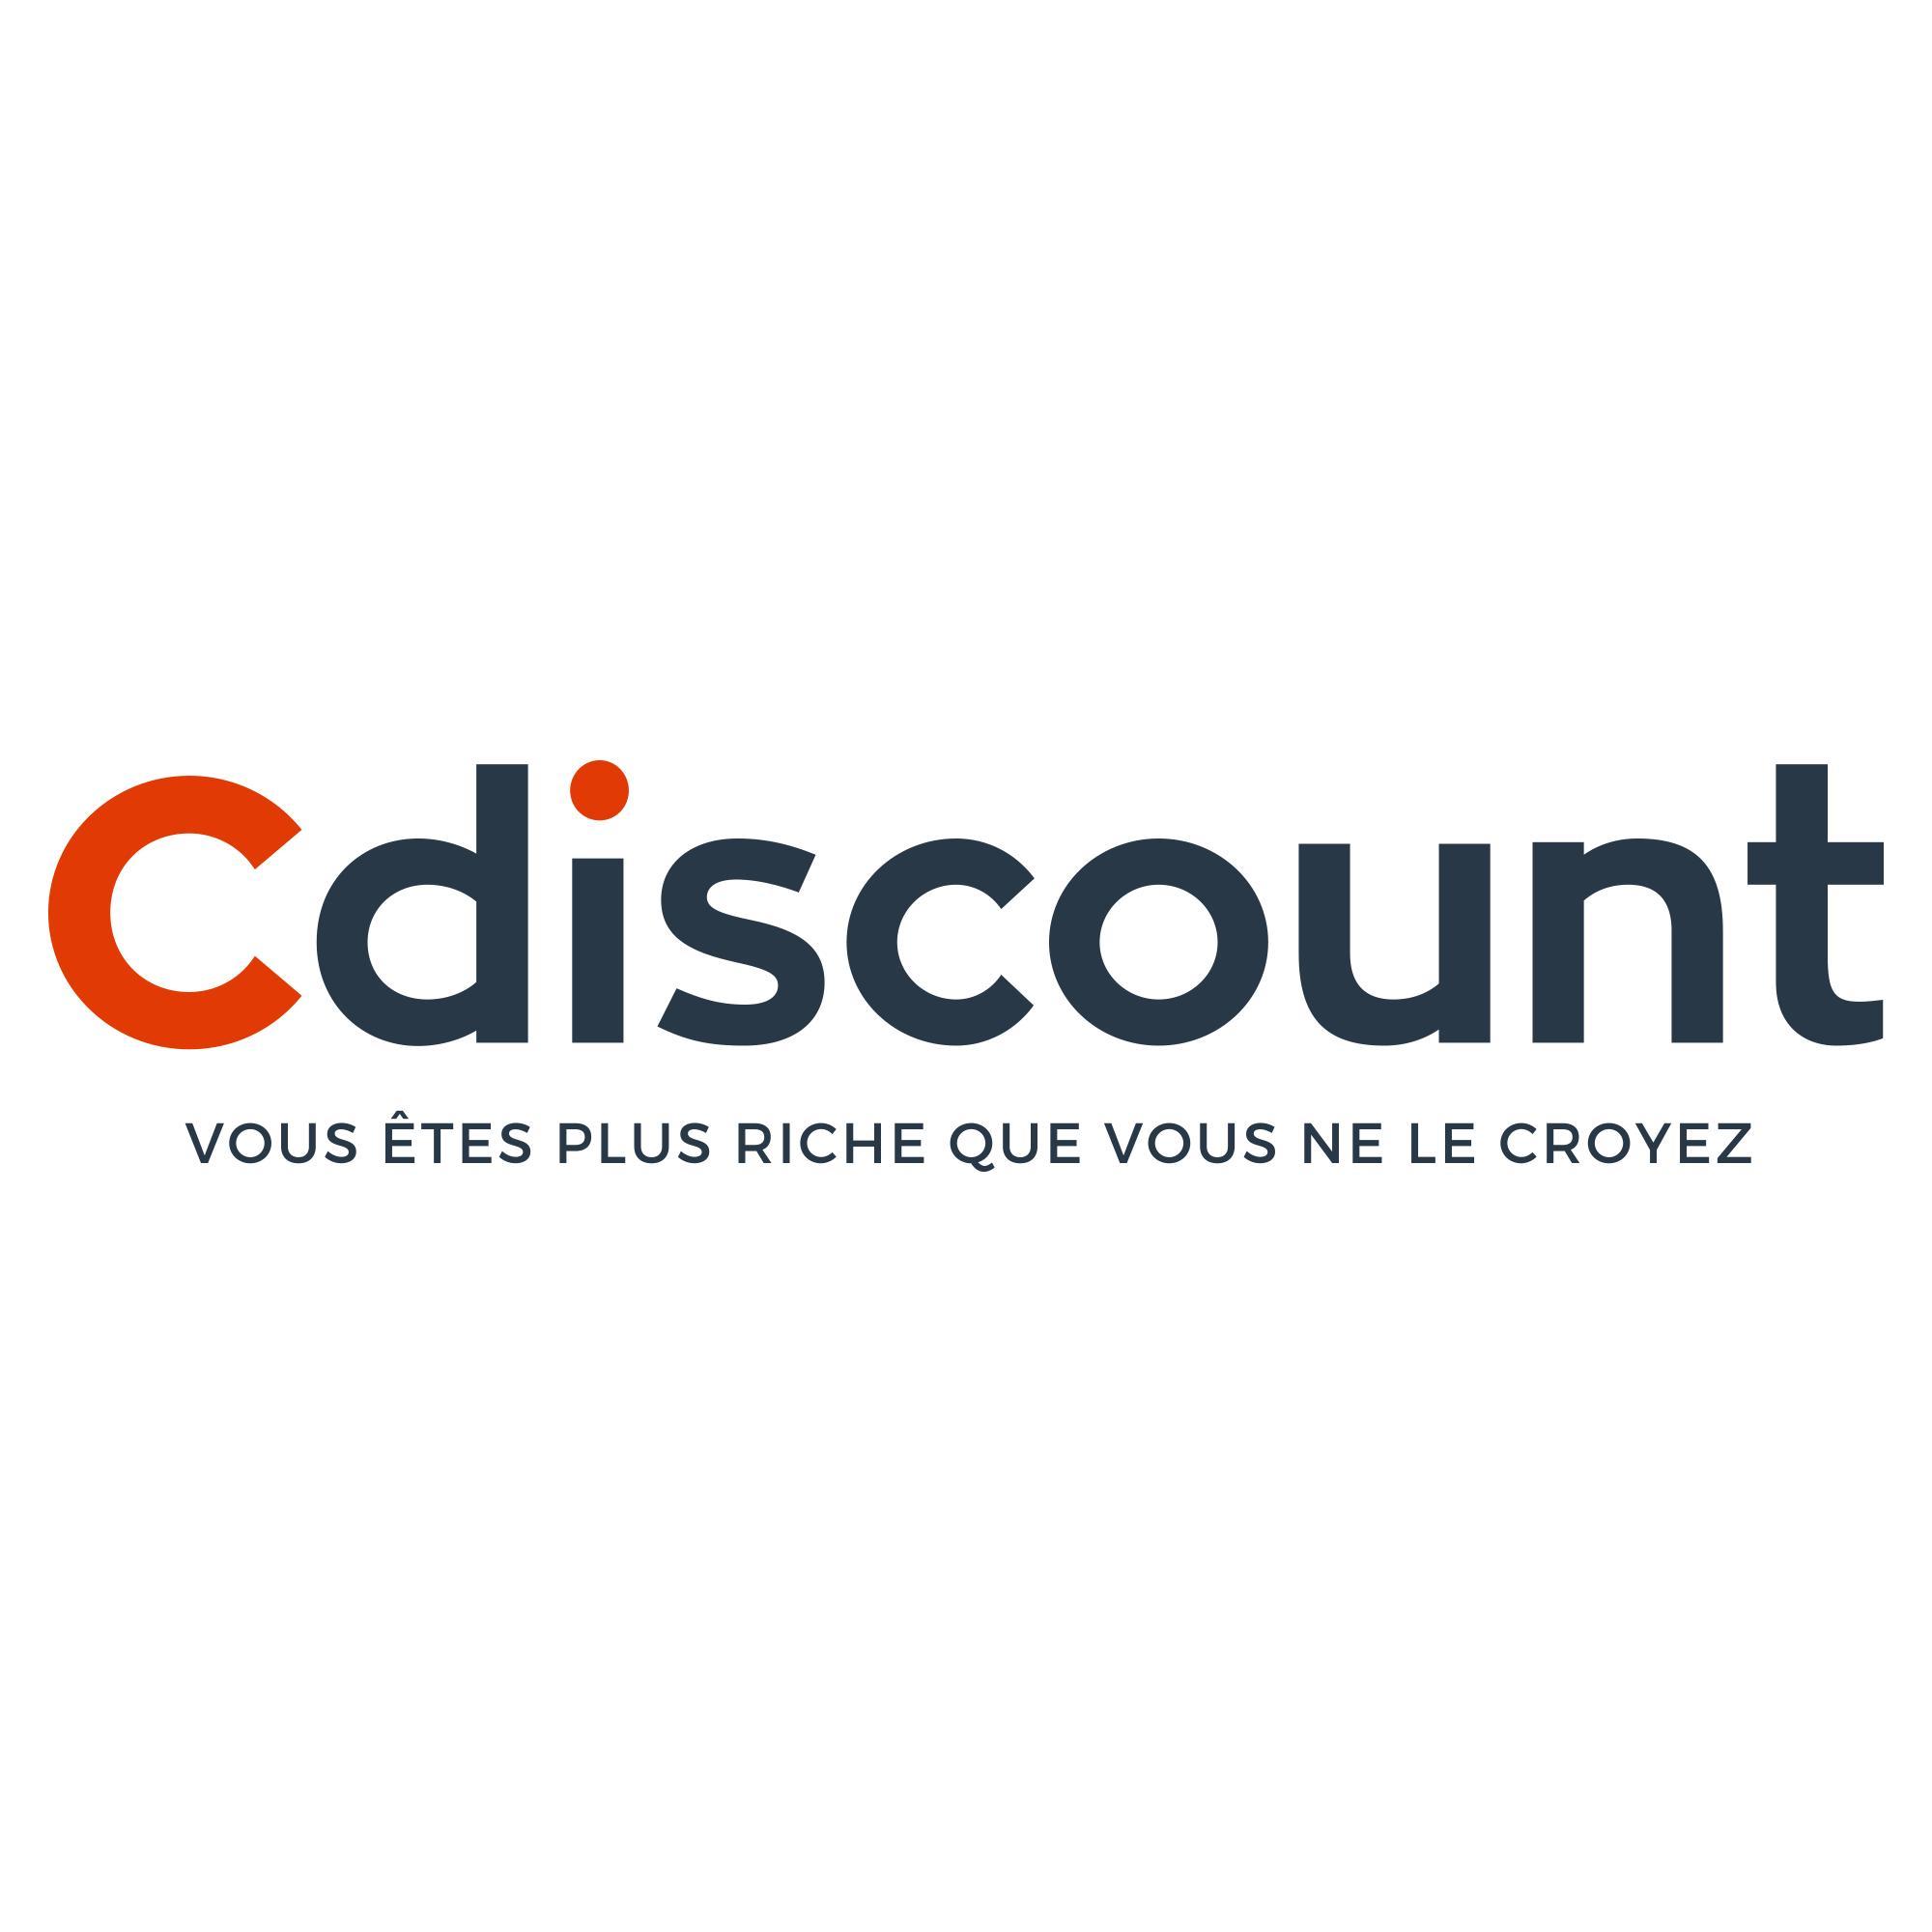 50€ de réduction dès 399€ d'achat, 25€ dès 249€ et 10€ dès 149€ via site mobile et application (Marketplace compris)